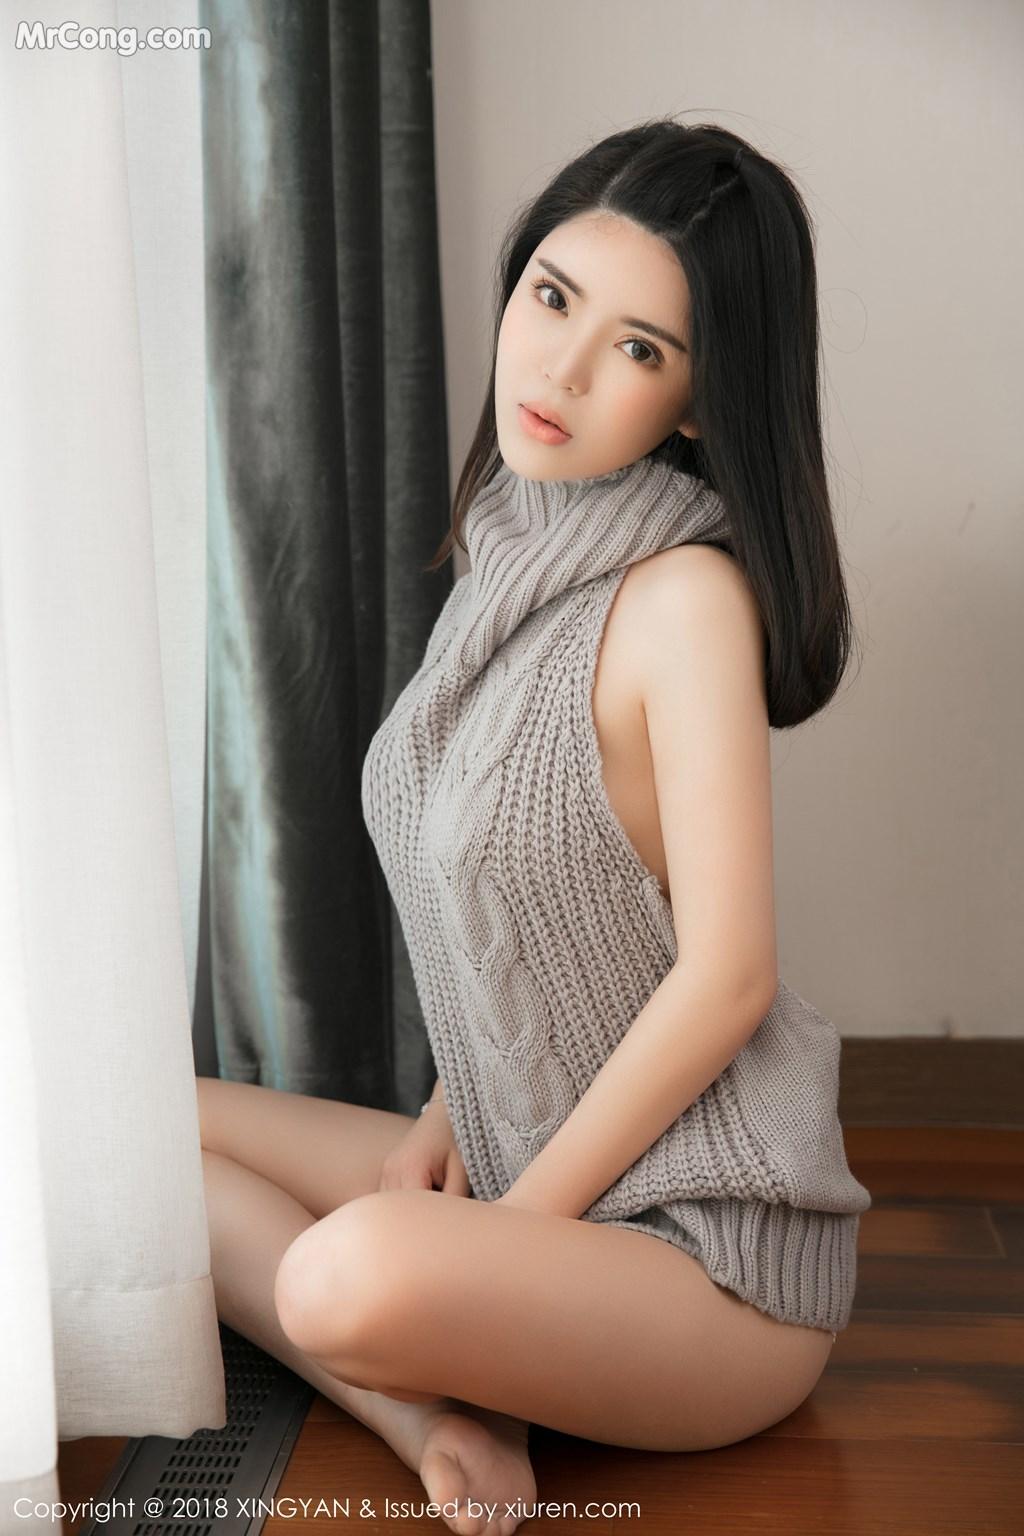 Image XingYan-Vol.012-Lily-MrCong.com-009 in post XingYan Vol.012: Người mẫu 陈曦Lily (51 ảnh)